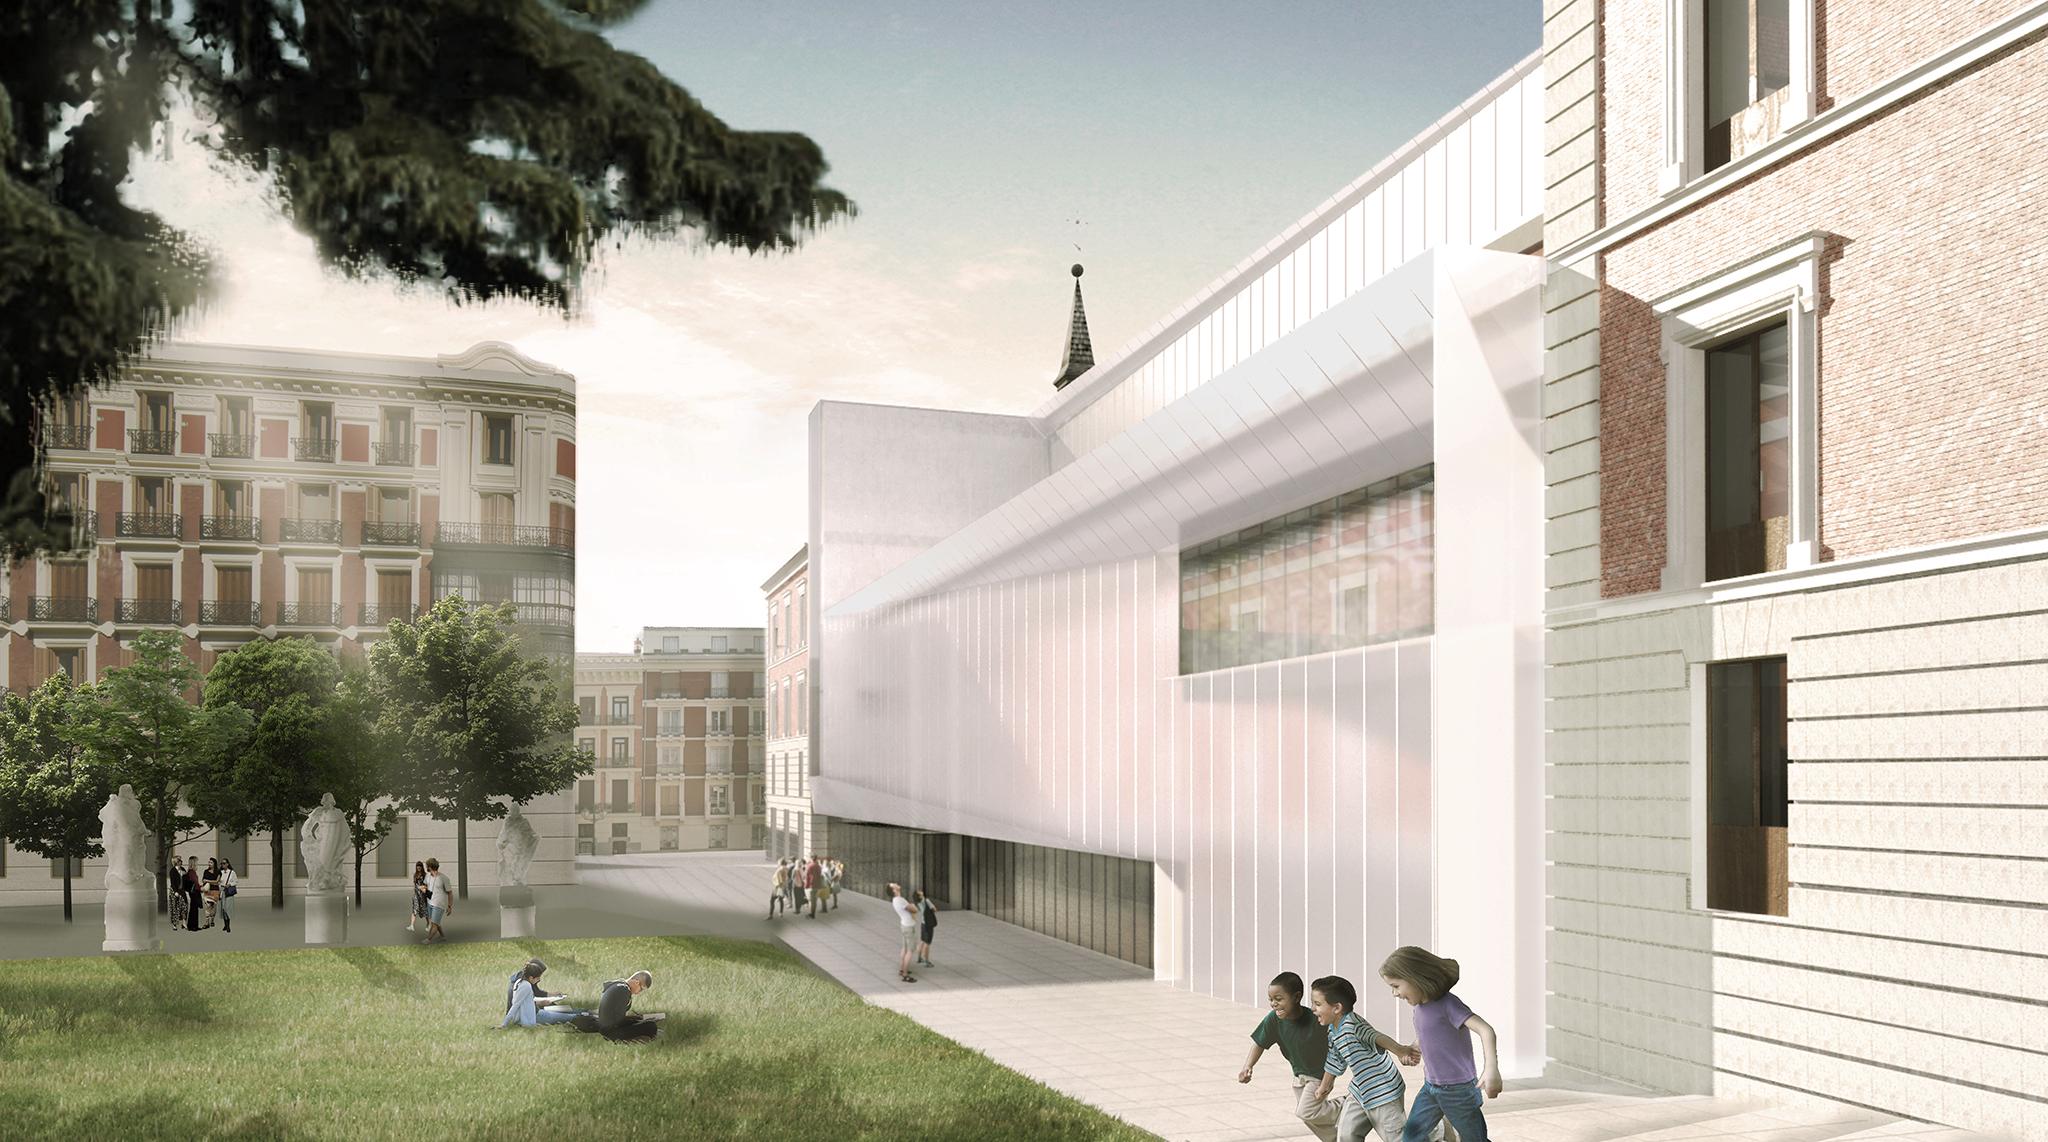 La visi n del museo del prado de gluckman tang lvarez for Fernando porras arquitecto